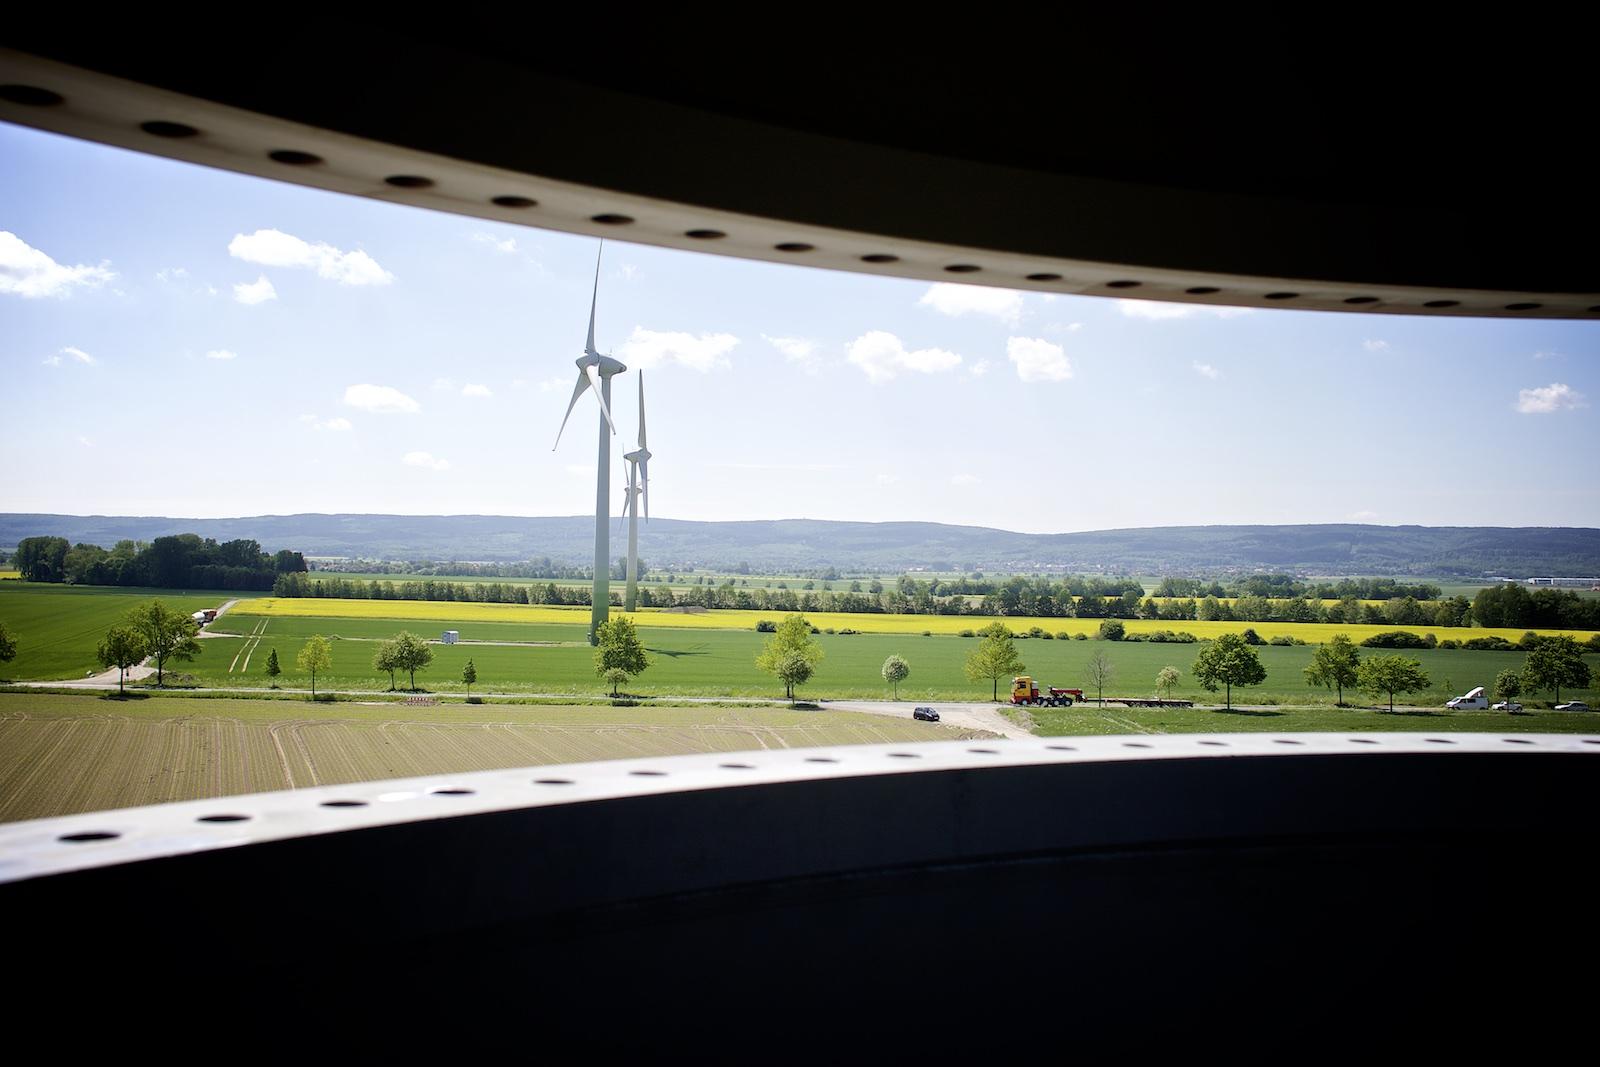 Mensch-Energie-Umwelt_Muehlhaus_Sammlung_019